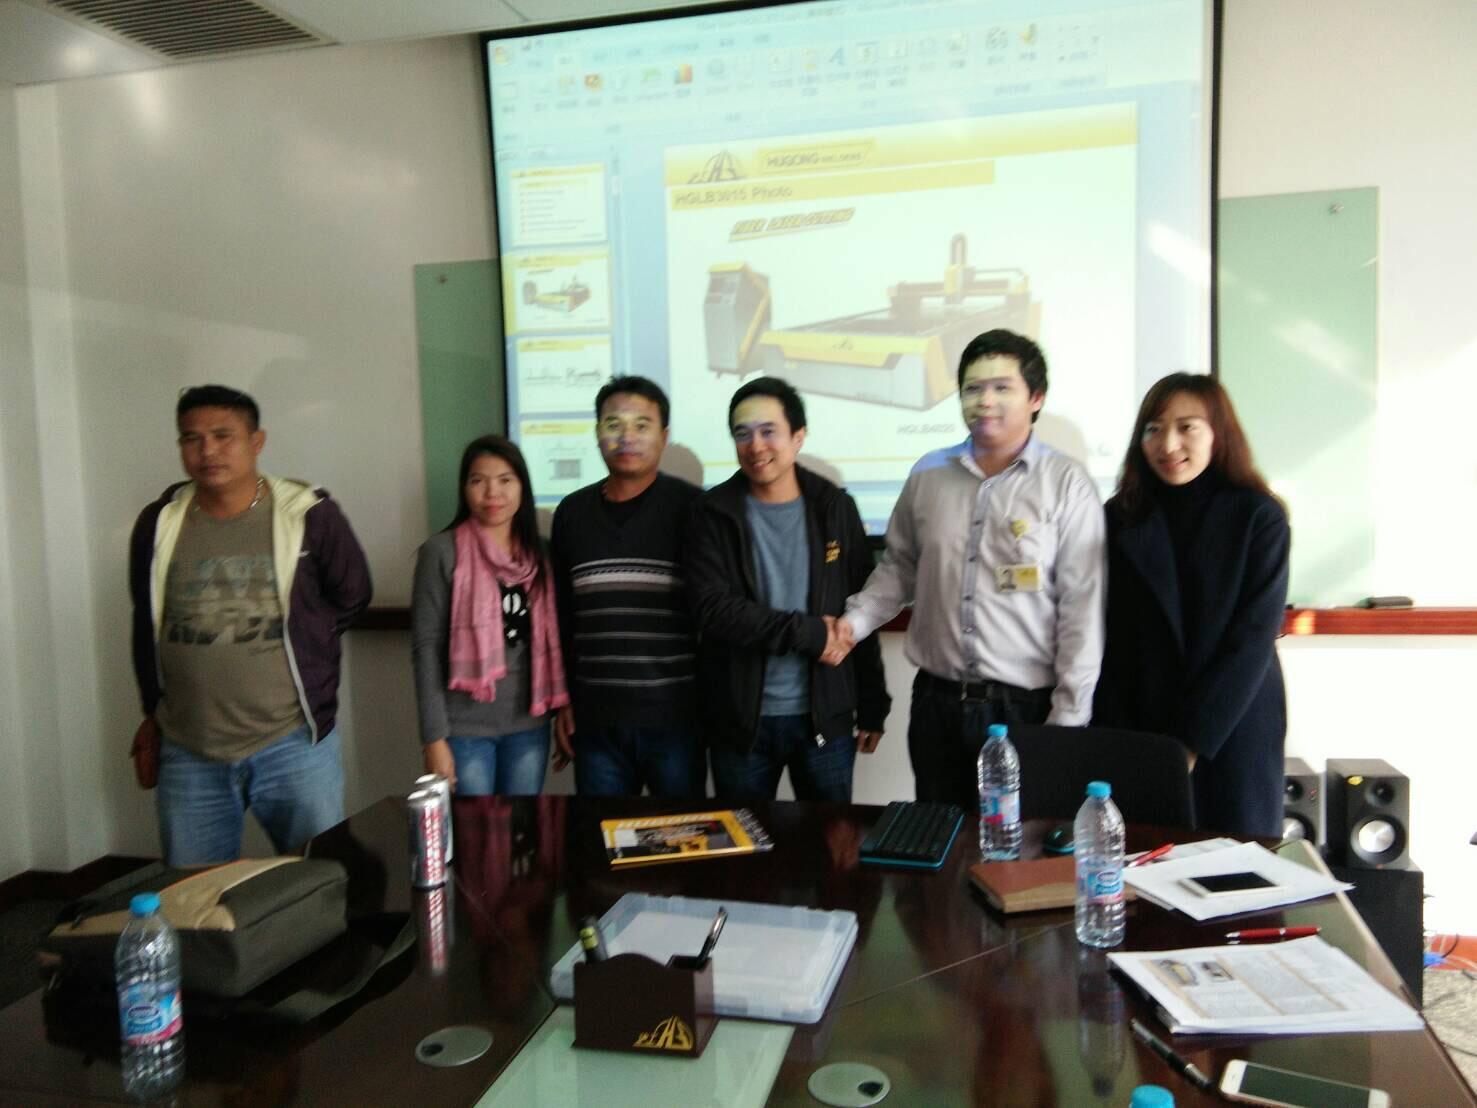 IITGROUP นำคณะลูกค้าเยี่ยมชมโรงงาน Fiber Laser ชั้นนำระดับโลก ณ ประเทศจีน 11-14/1/2560